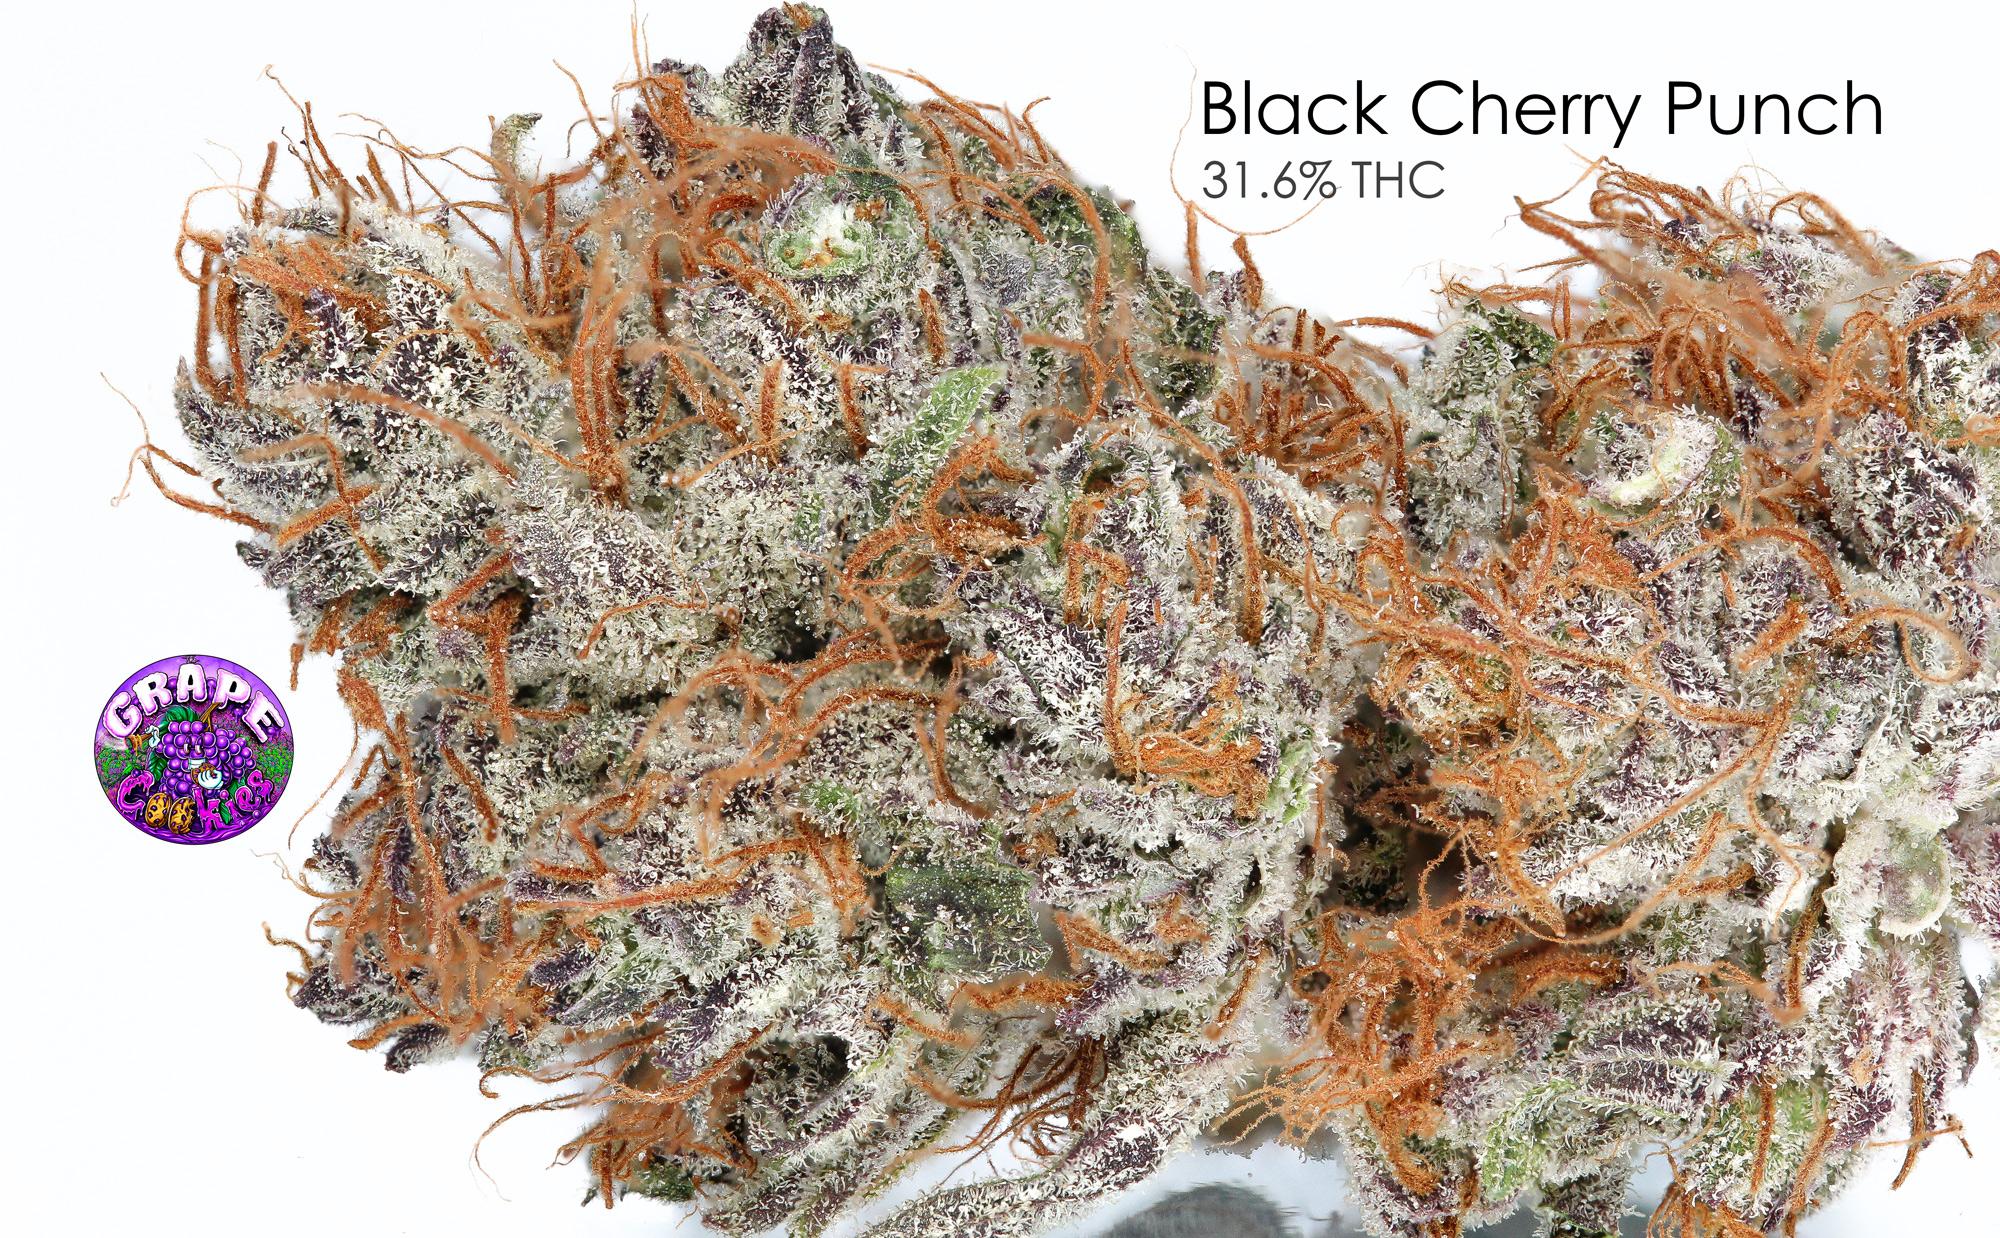 BlackCherryPunch-IGwLogo.jpg